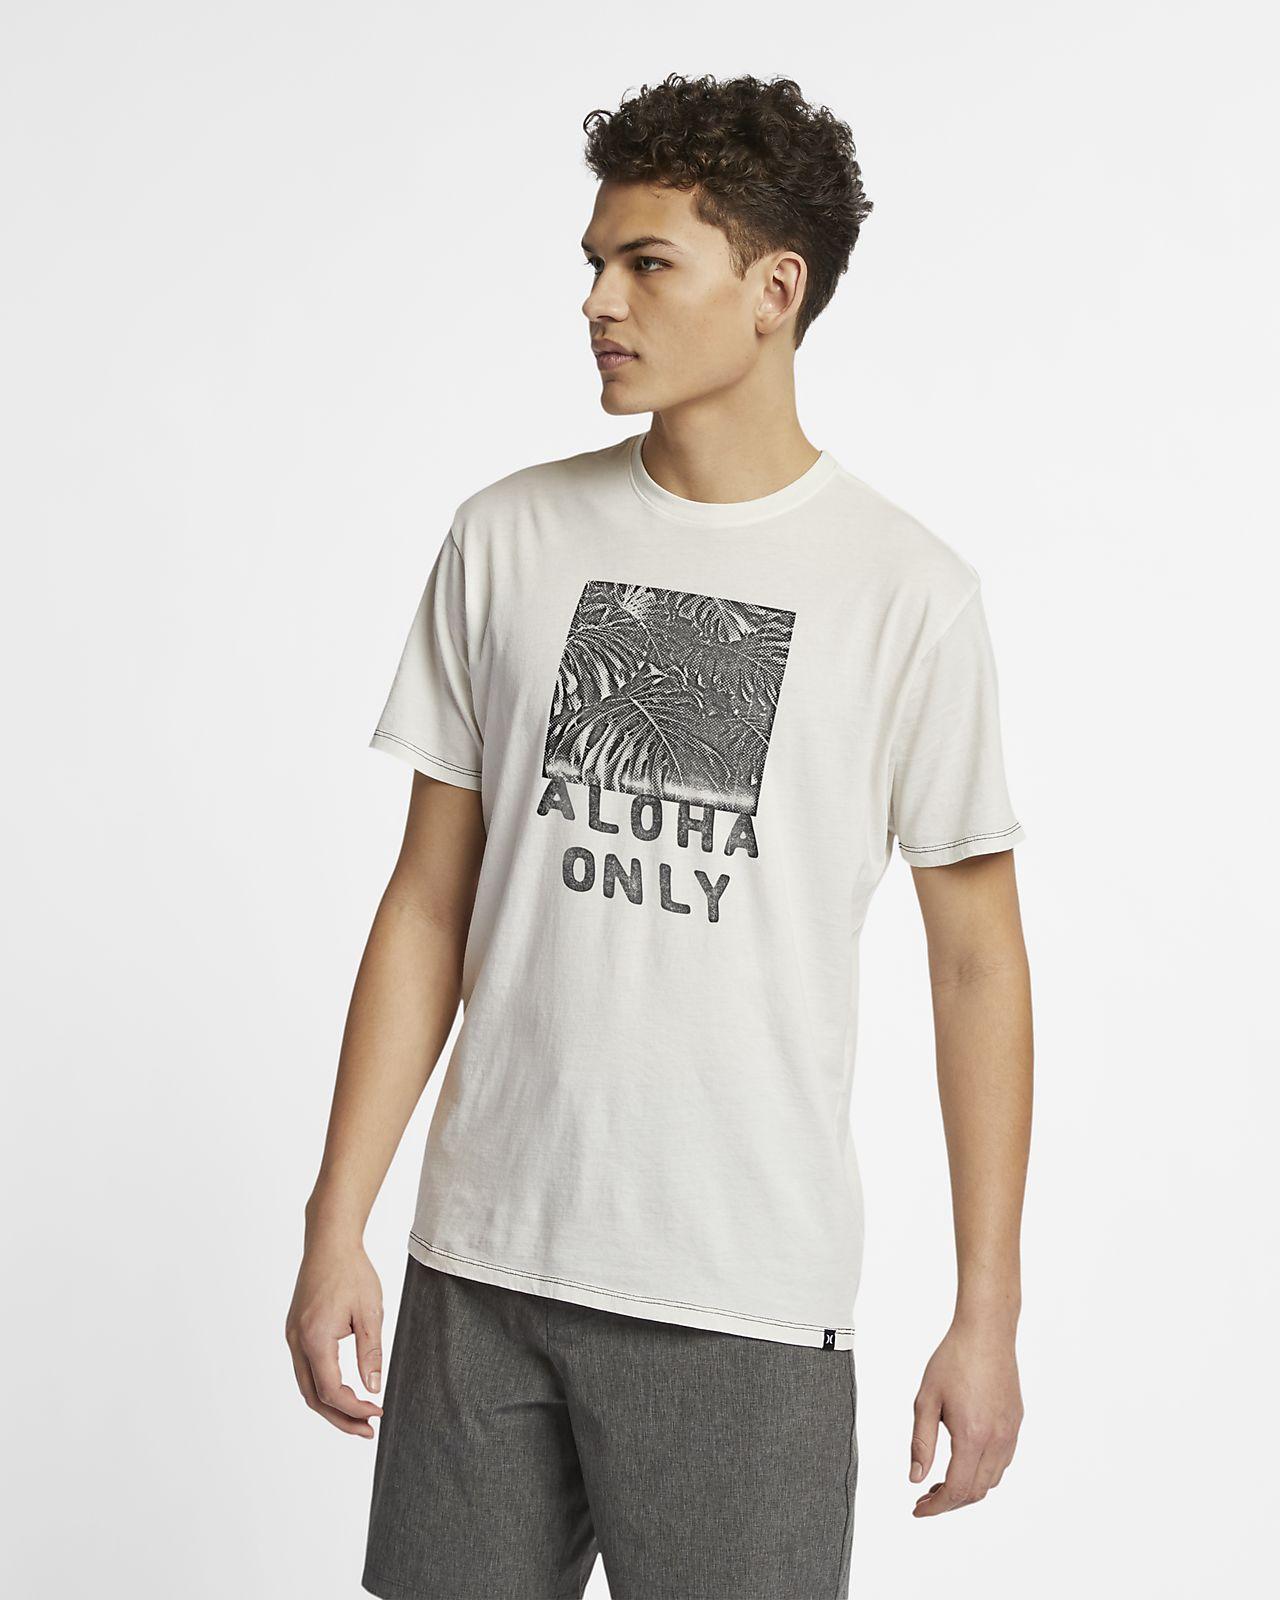 T-shirt Hurley Aloha Only - Uomo